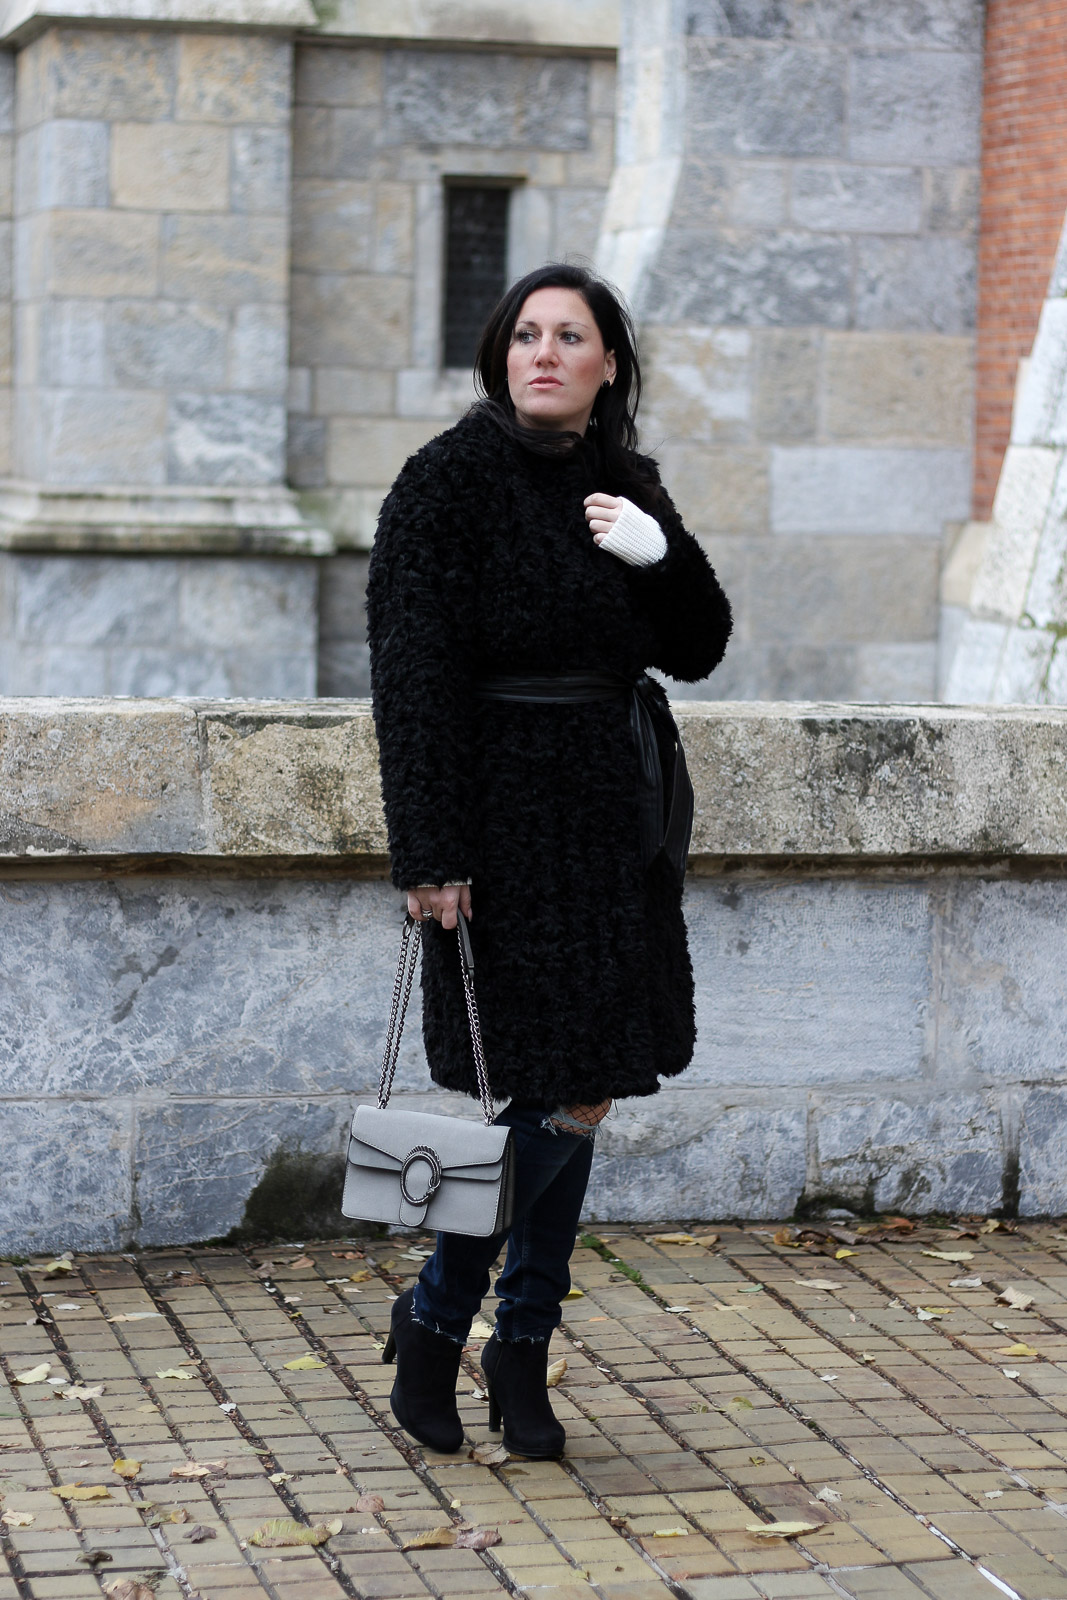 OUTFIT: Fake Fur Mantel mit Destroyed Jeans, Miss Classy, Grazer Fashion Blog, Lifestyle Blog, Bloggerin Graz, classy Fashion, Fake Fur Mantel von H&M, Destroyed Jeans von Tom Tailor, weißer Wollpullover, Handtasche von Sassy Classy, Wintermode, Stiefeletten